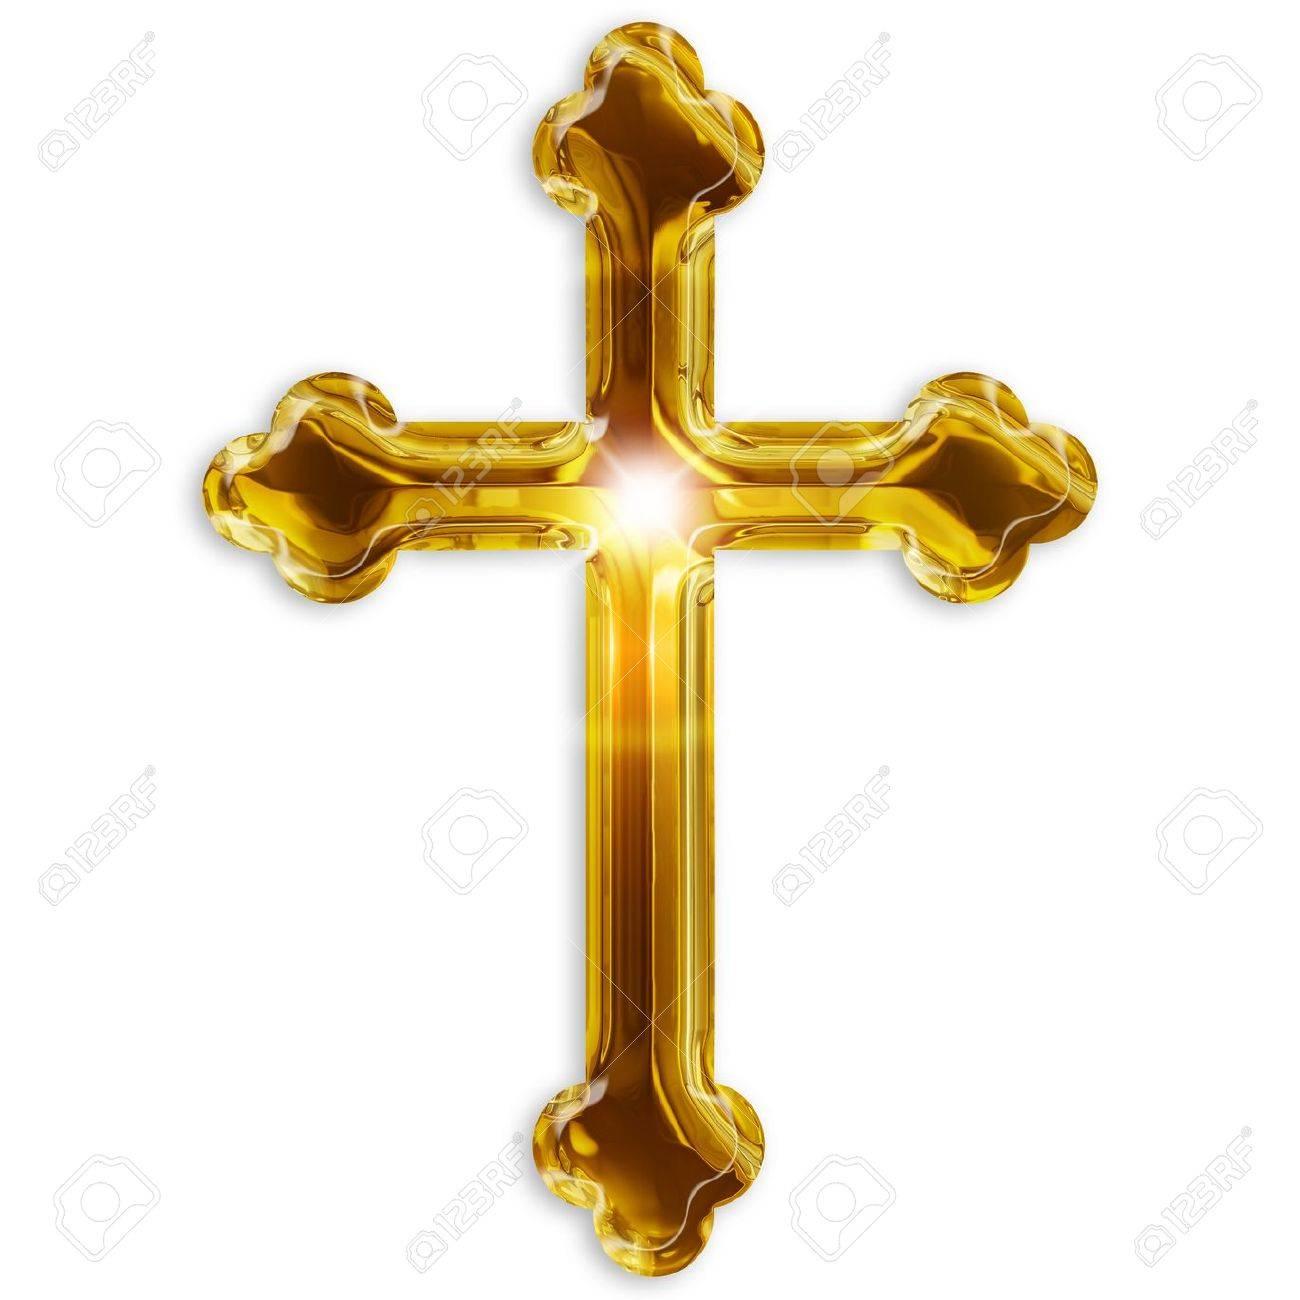 religious symbol of crucifix isolated on white background Stock Photo - 17695290